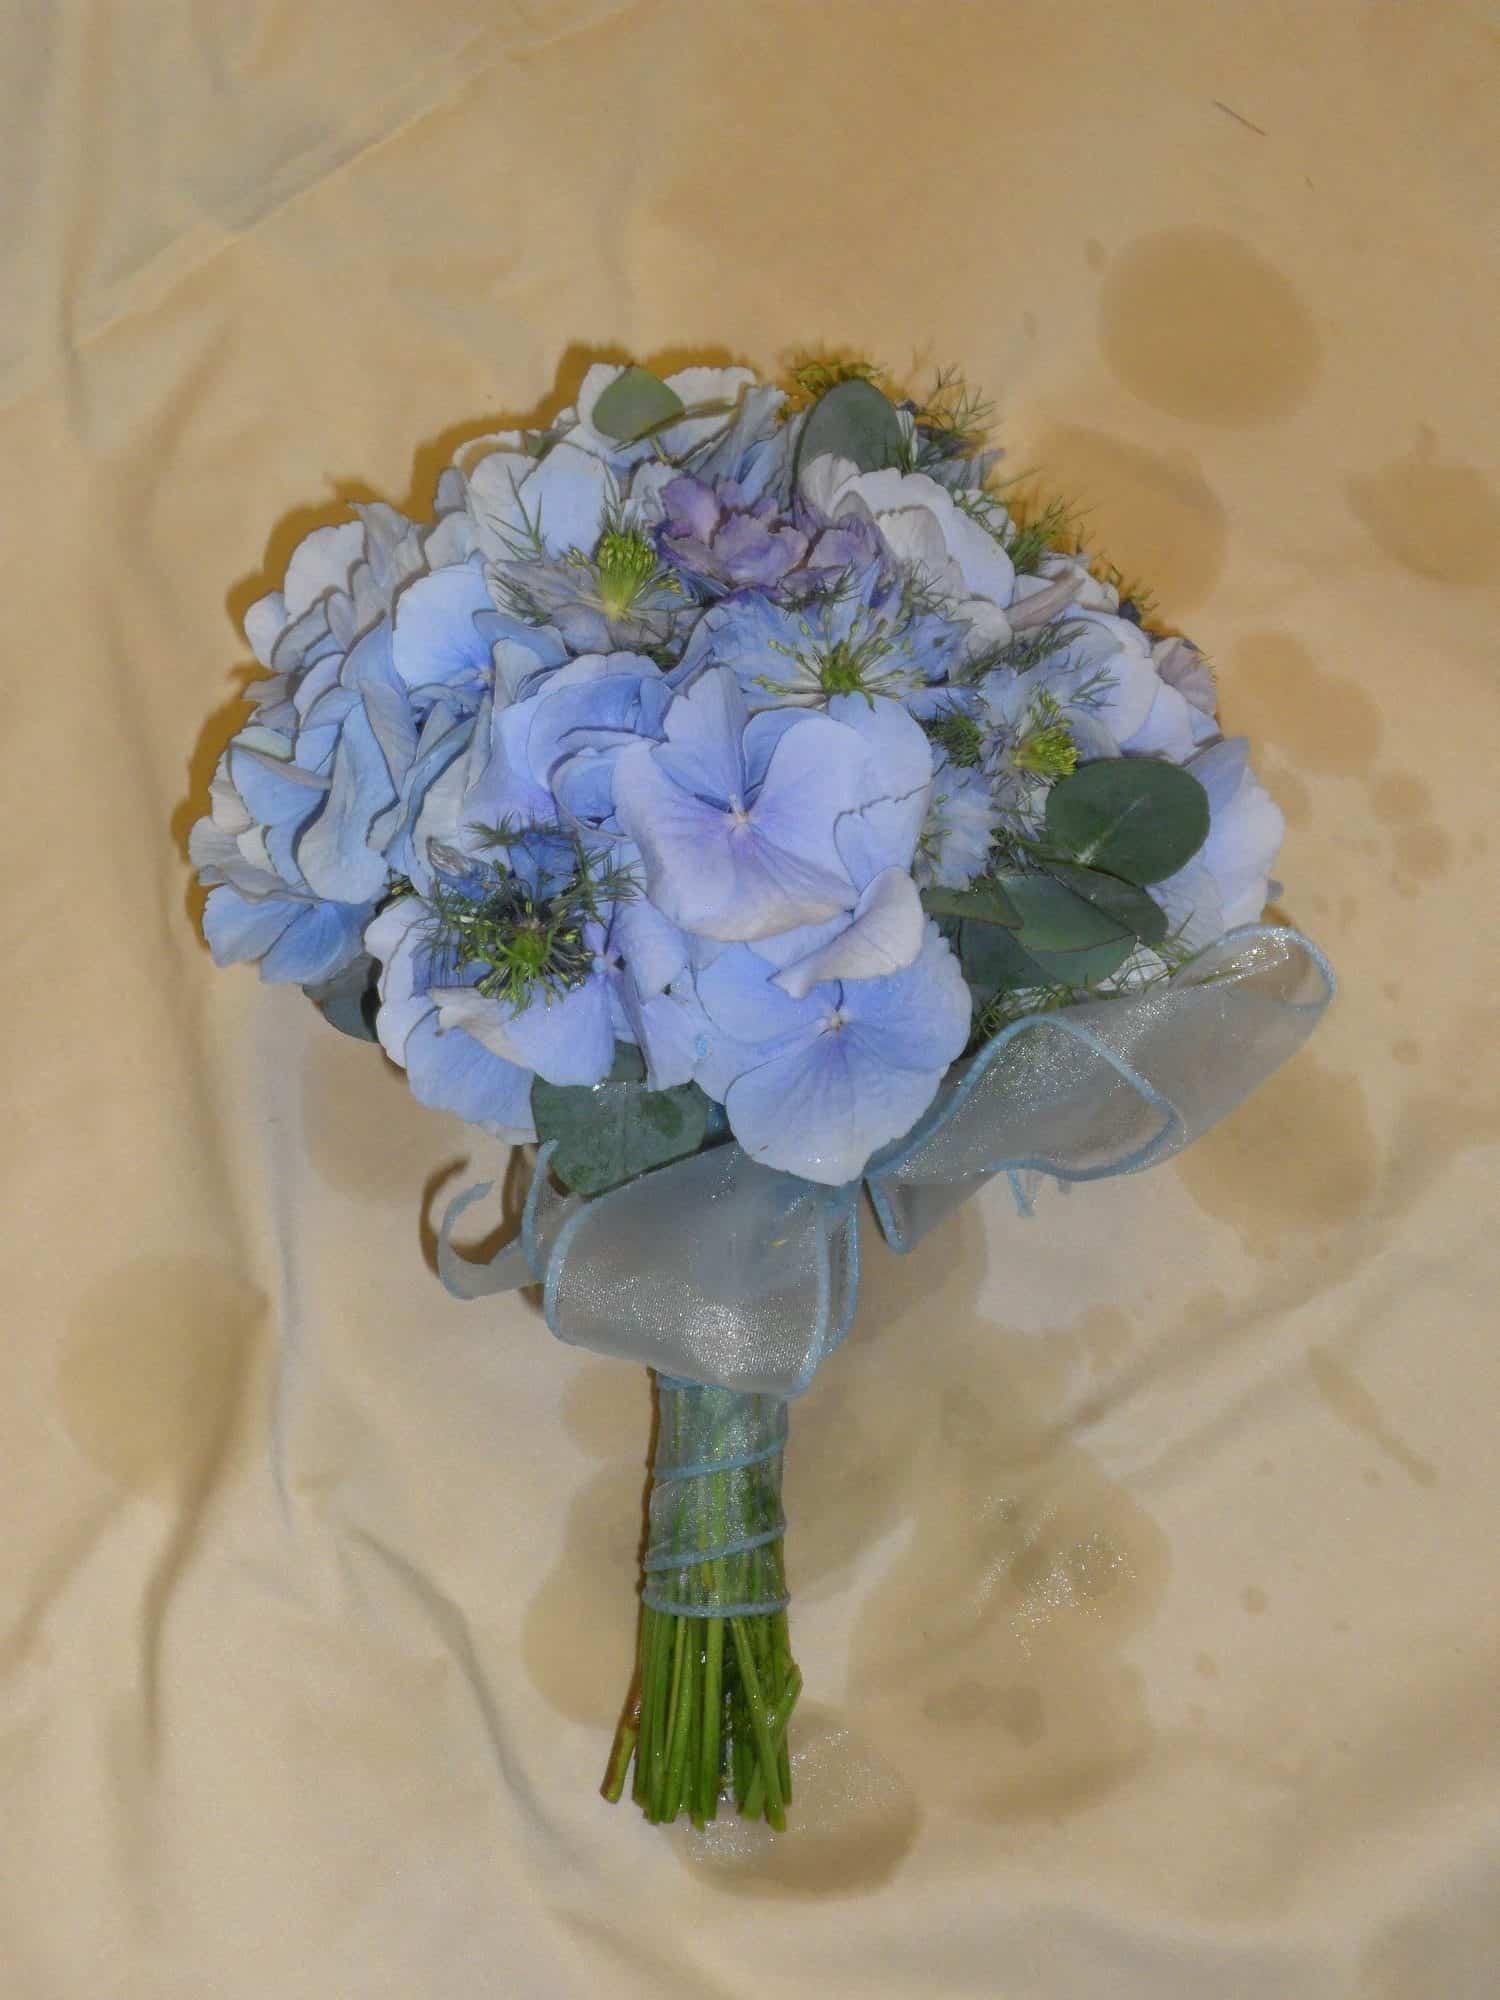 rosebuds_florists_floral_blue